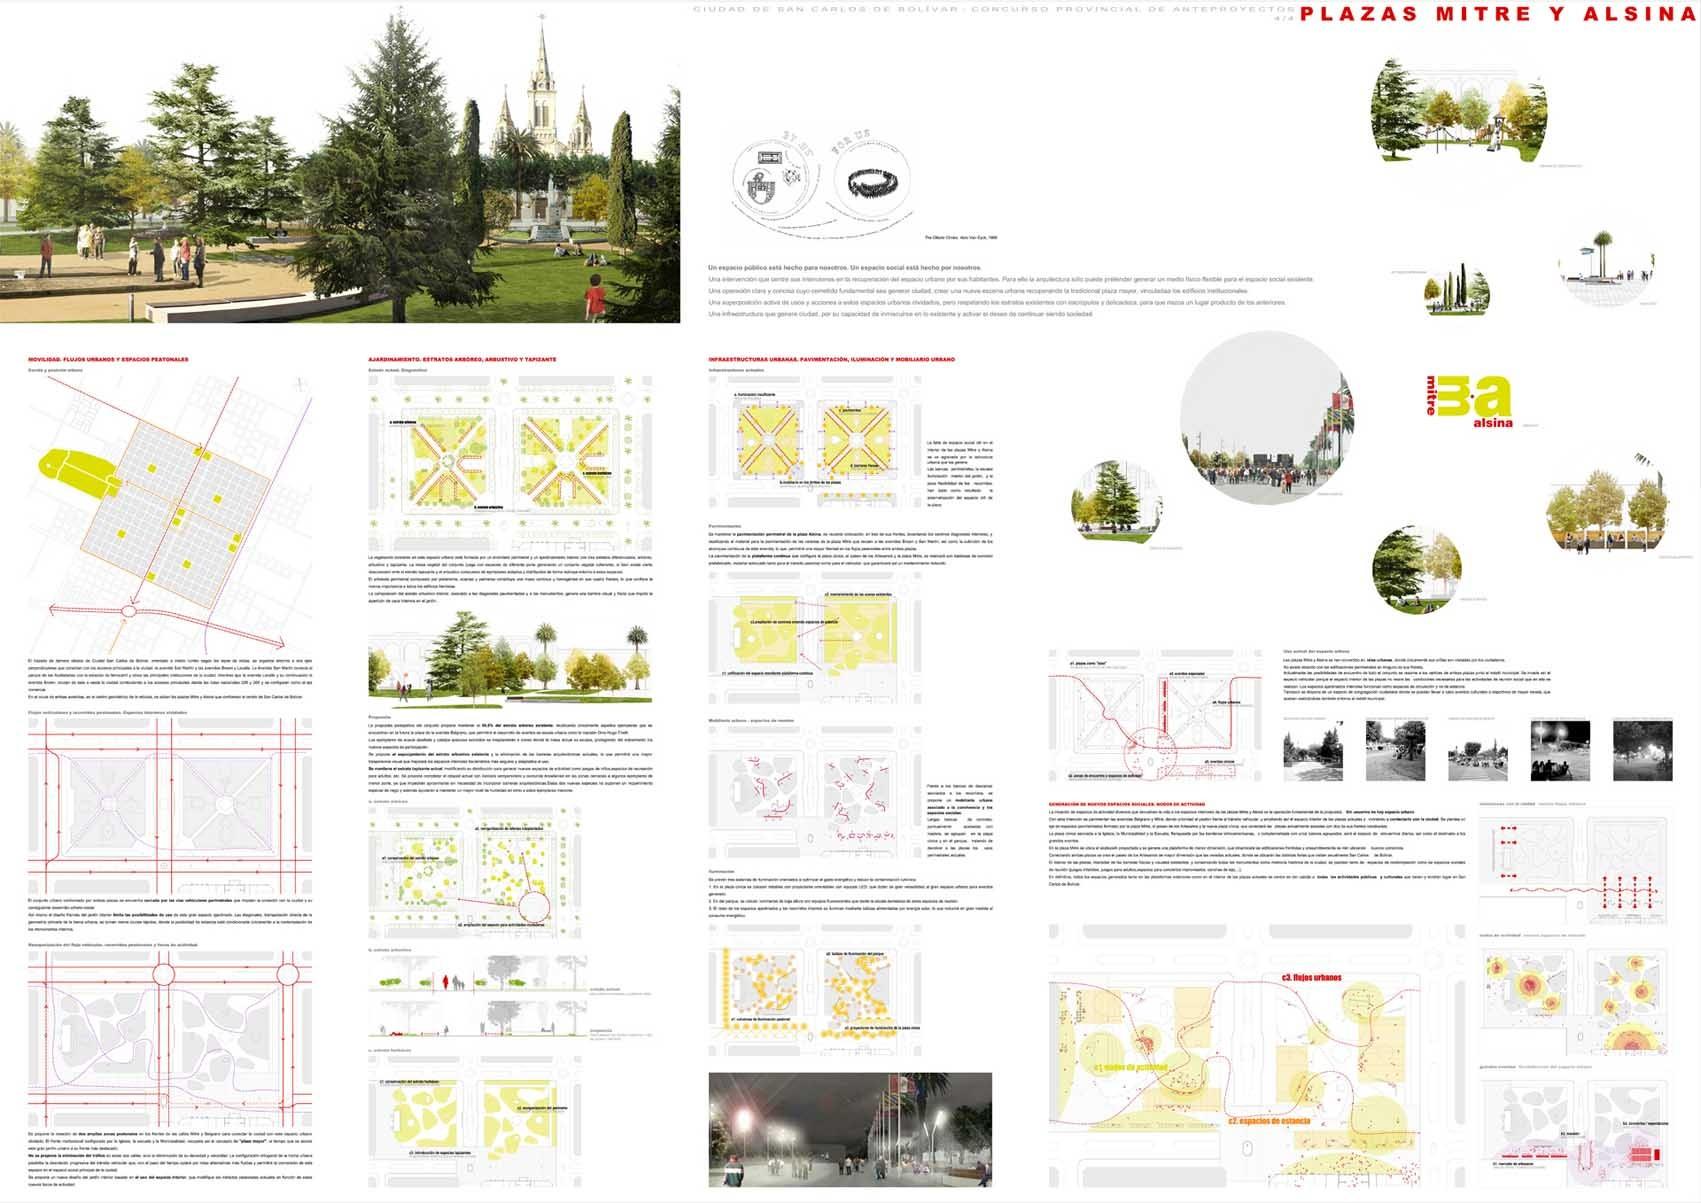 Galer A De Primer Lugar Concurso Plazas Mitre Y Alsina 18